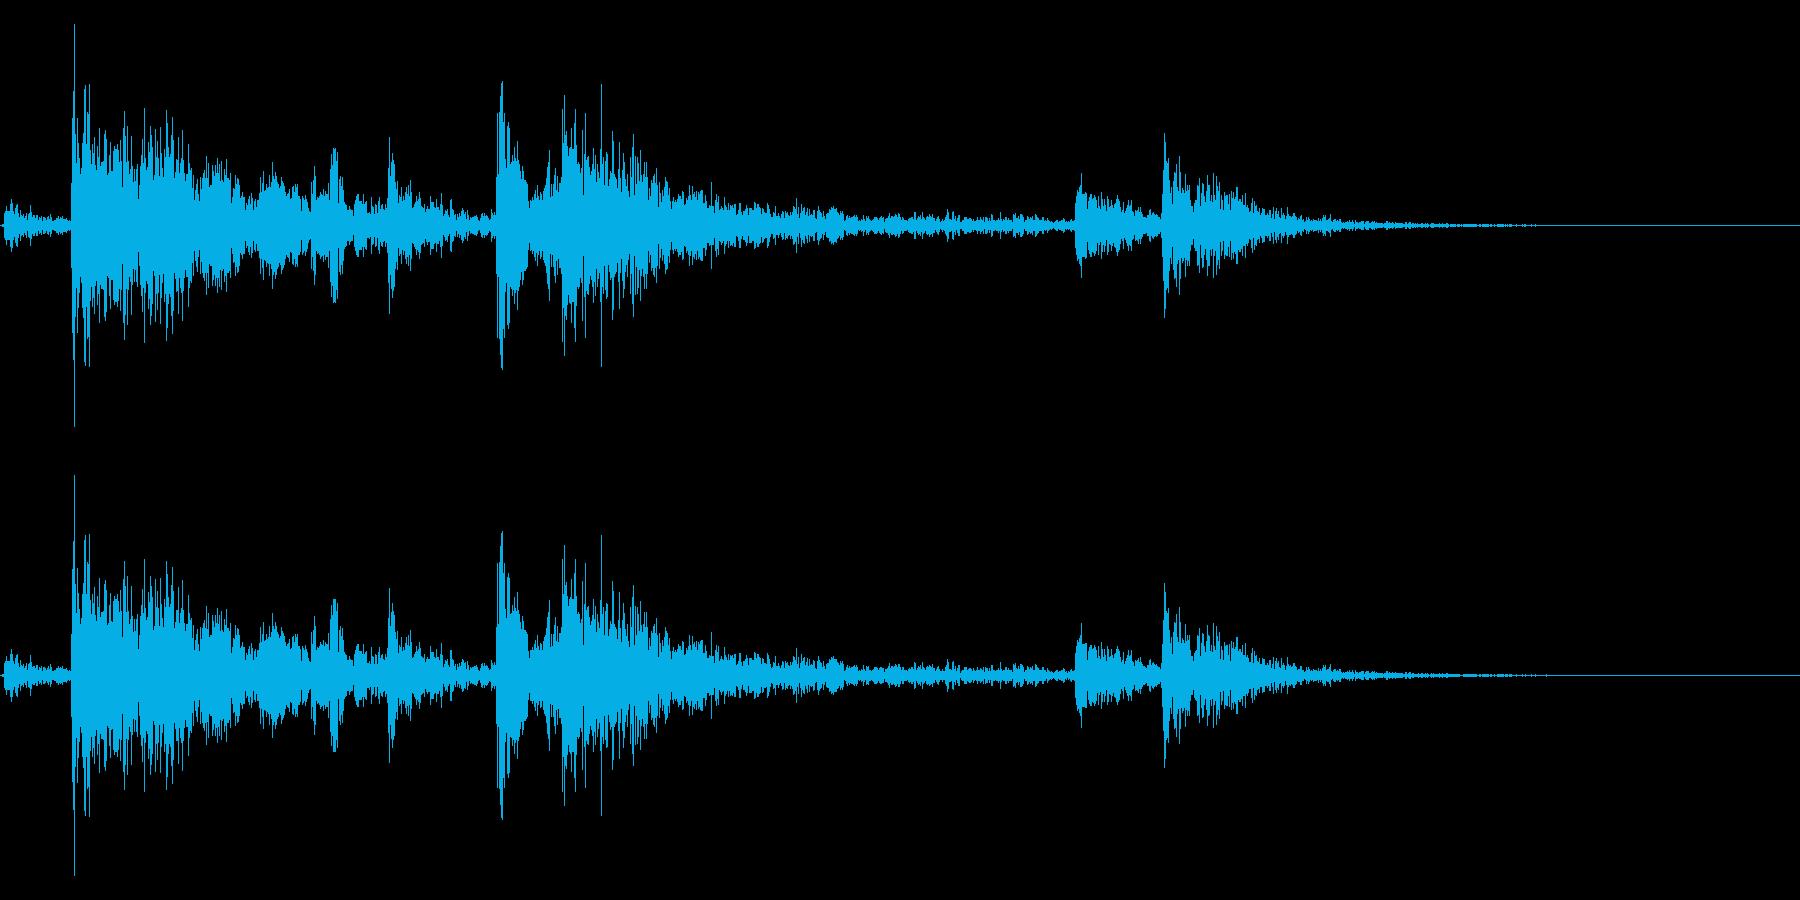 【生録音】鎖を軽く引っ張る音 2の再生済みの波形